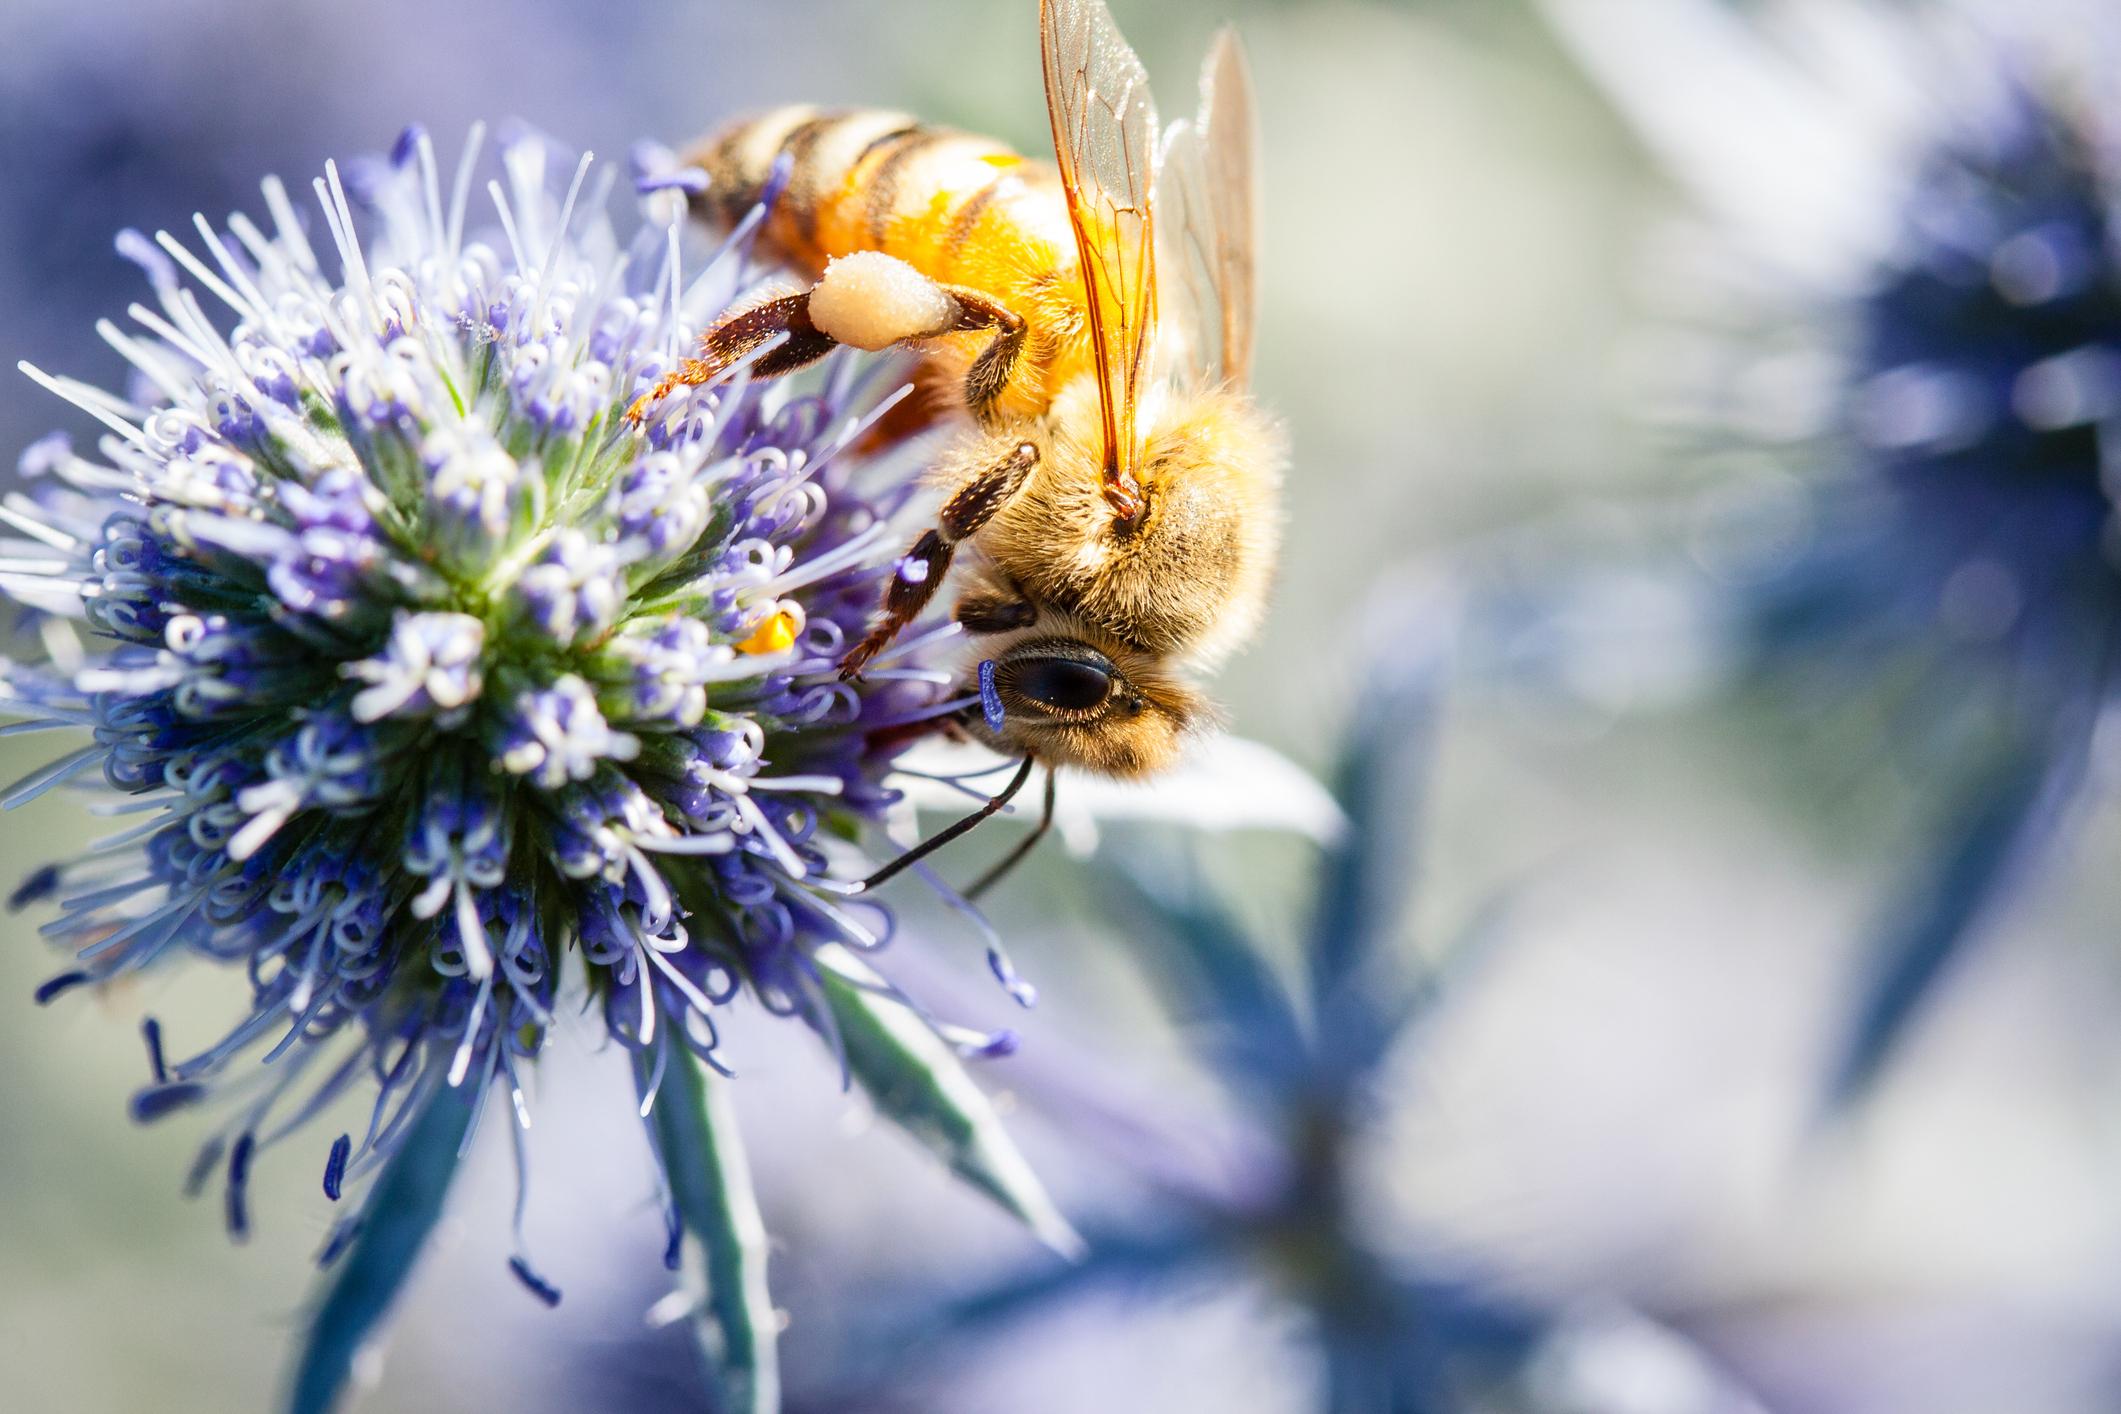 Сельское хозяйство убивает больше пчел, чем предполагалось - исследование.Вокруг Света. Украина